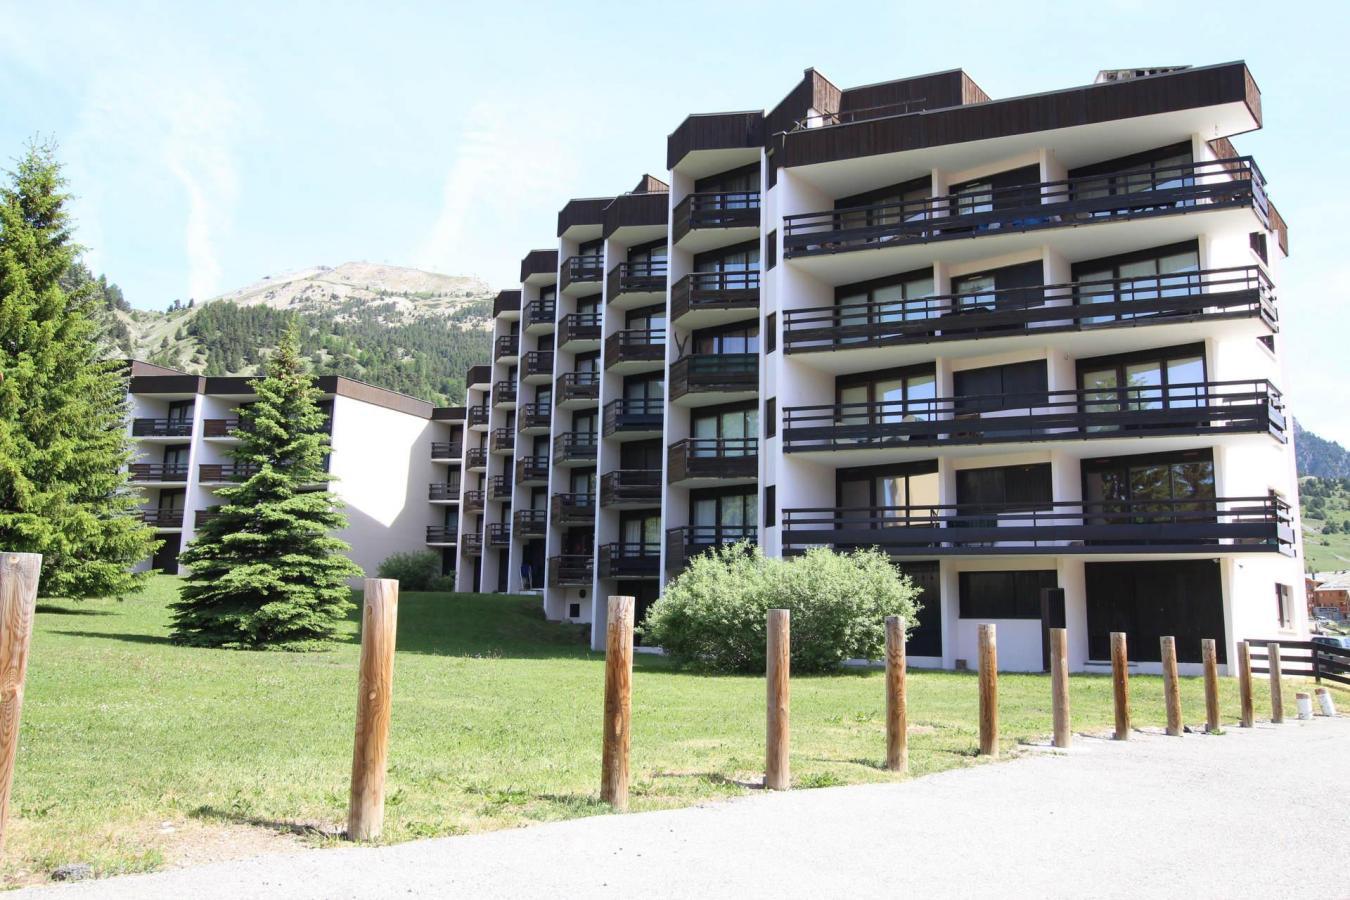 Location La Residence La Loubatiere